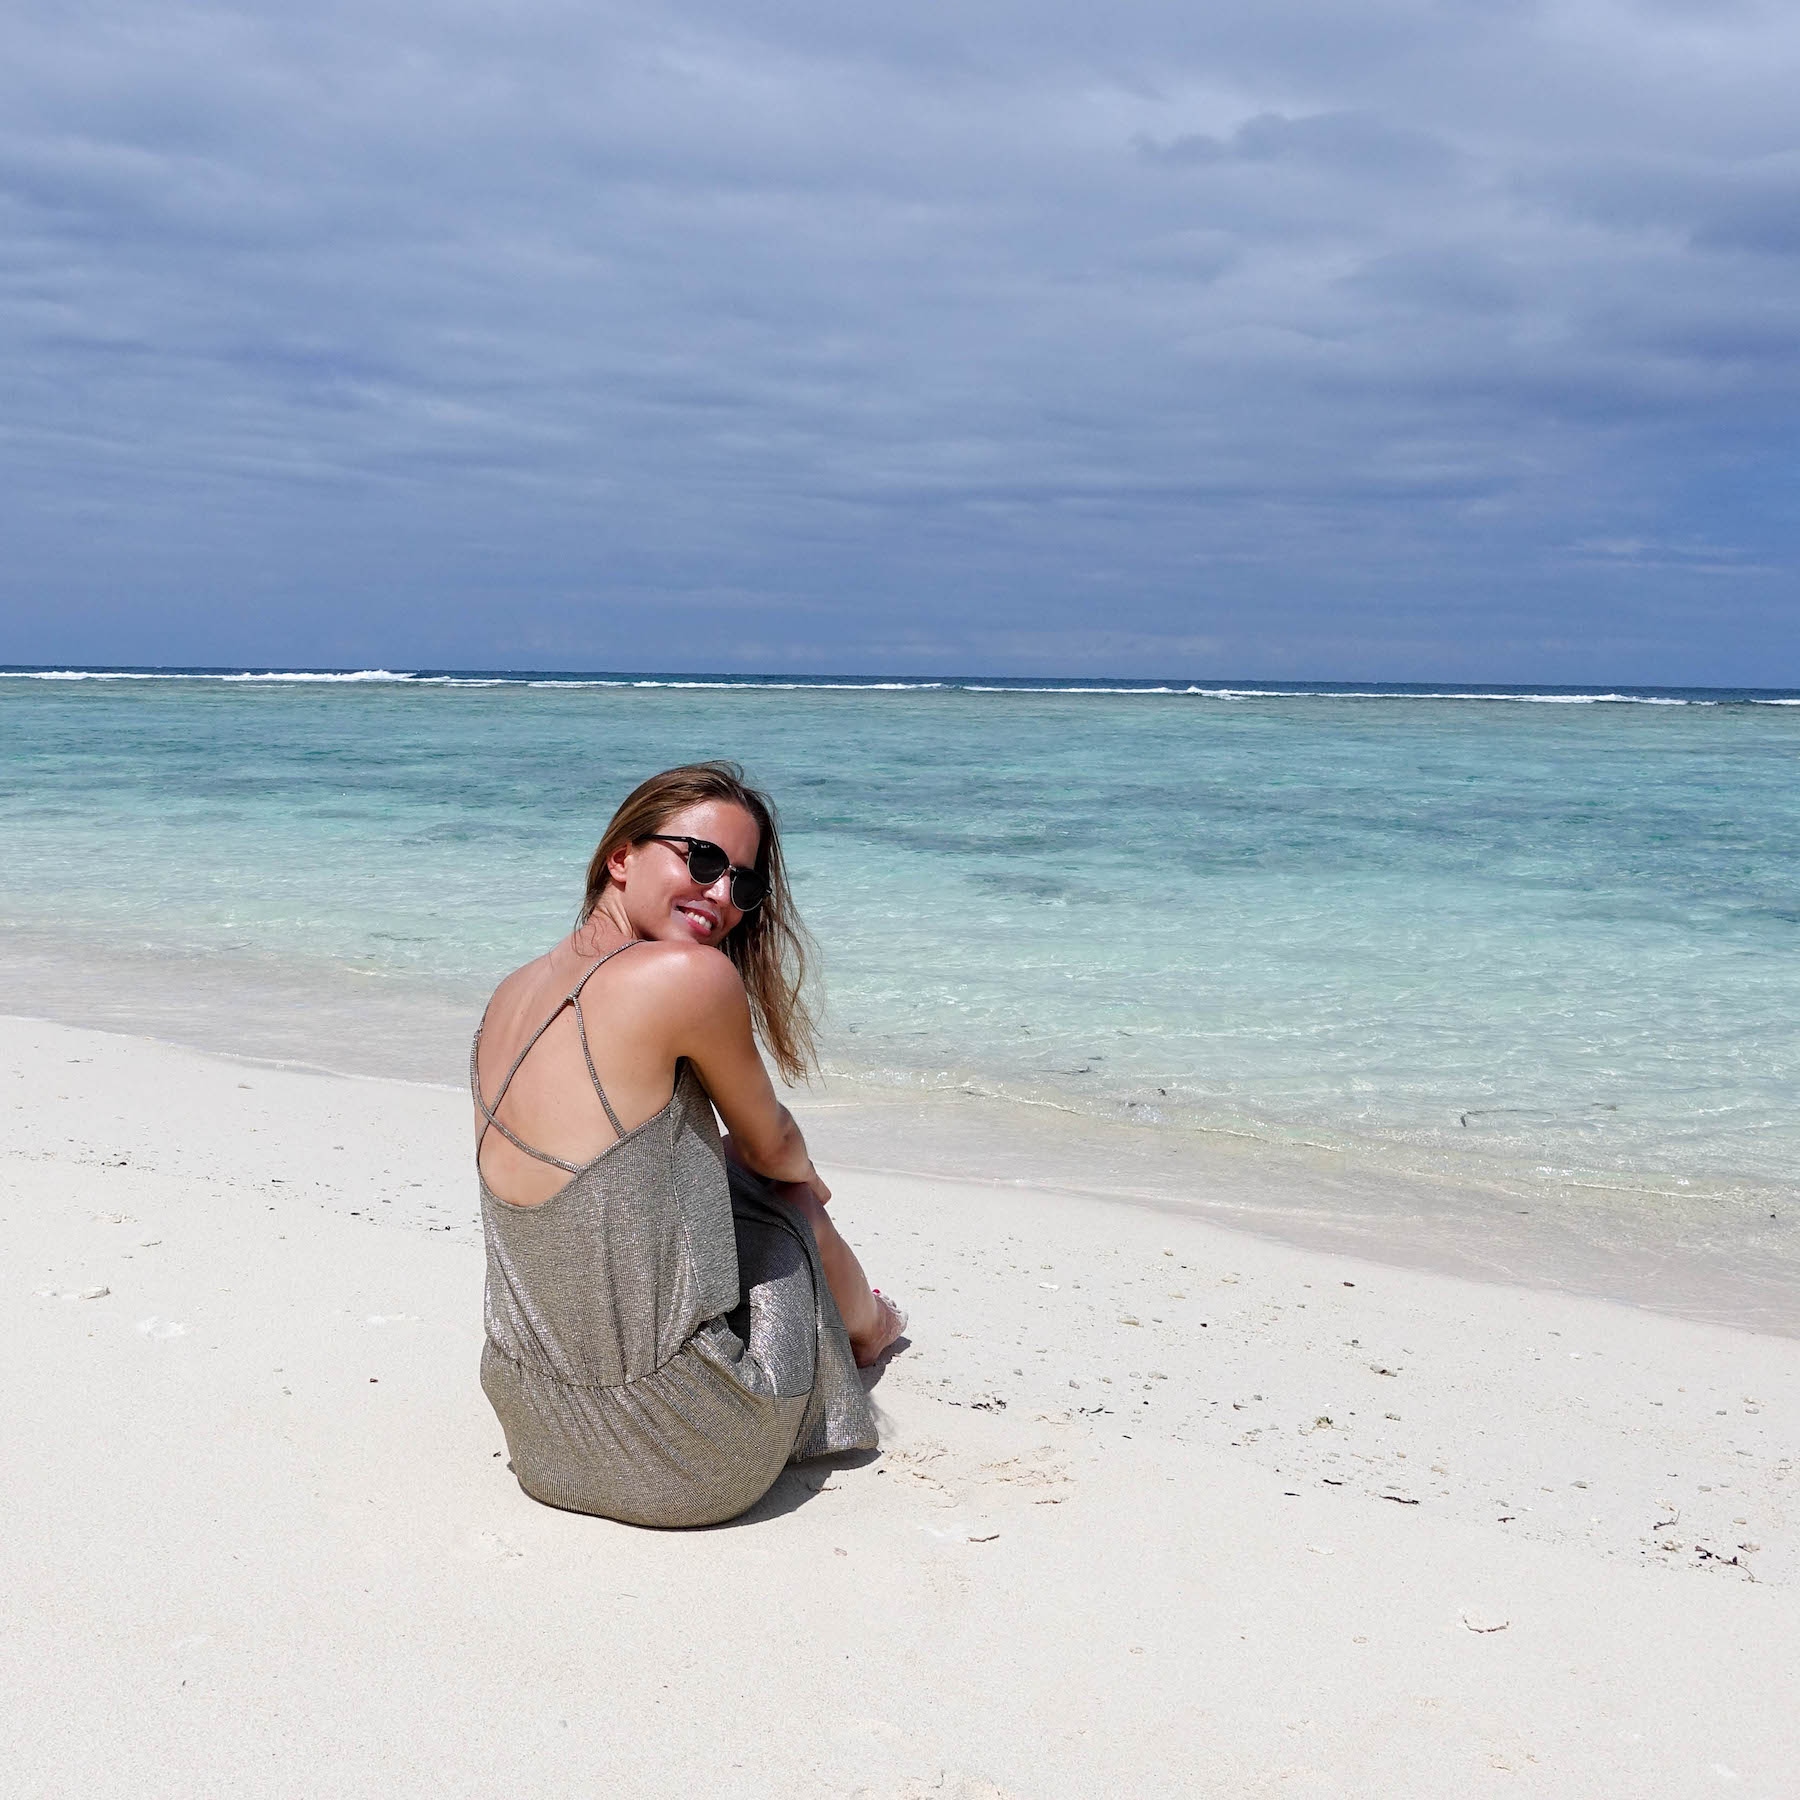 Neujahrsvorsätze 2018 suelovesnyc_andere_neujahrsvorsatze_neujahrsvorsaetze_2018_seychellen_beach_silhouette_island_reserved_partykleid